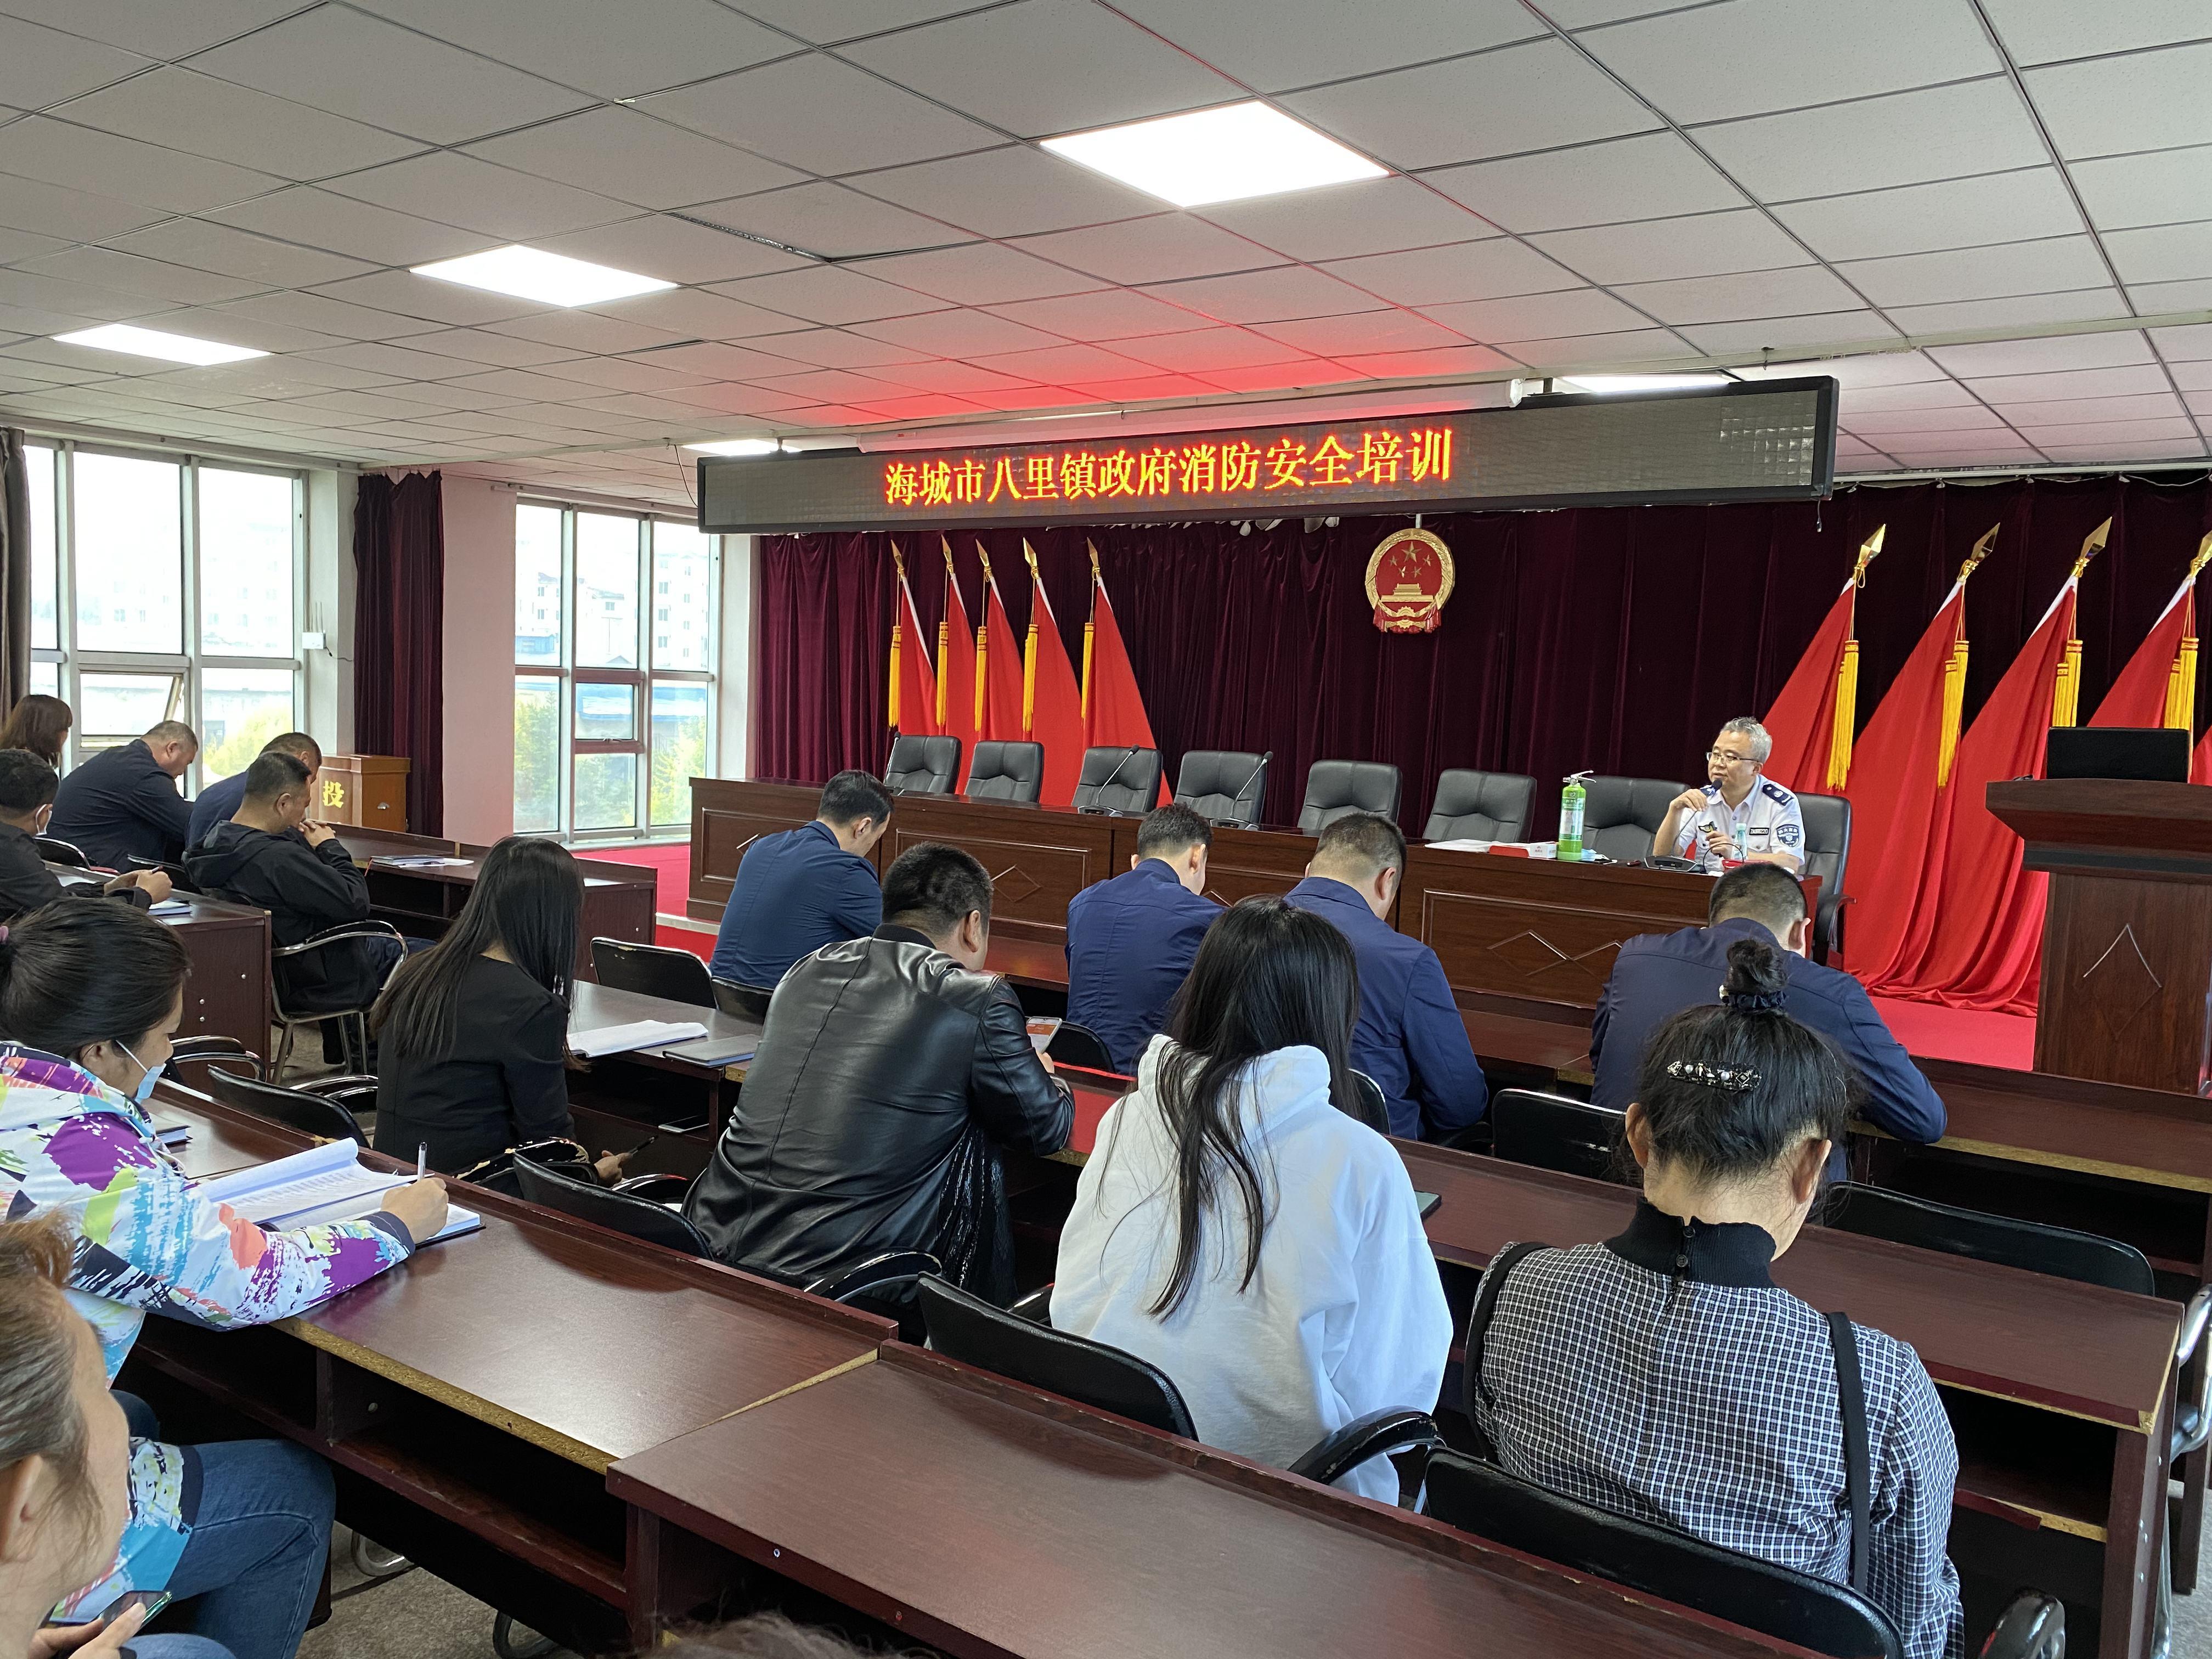 鞍山分中心为海城市八里镇政府开展消防培训